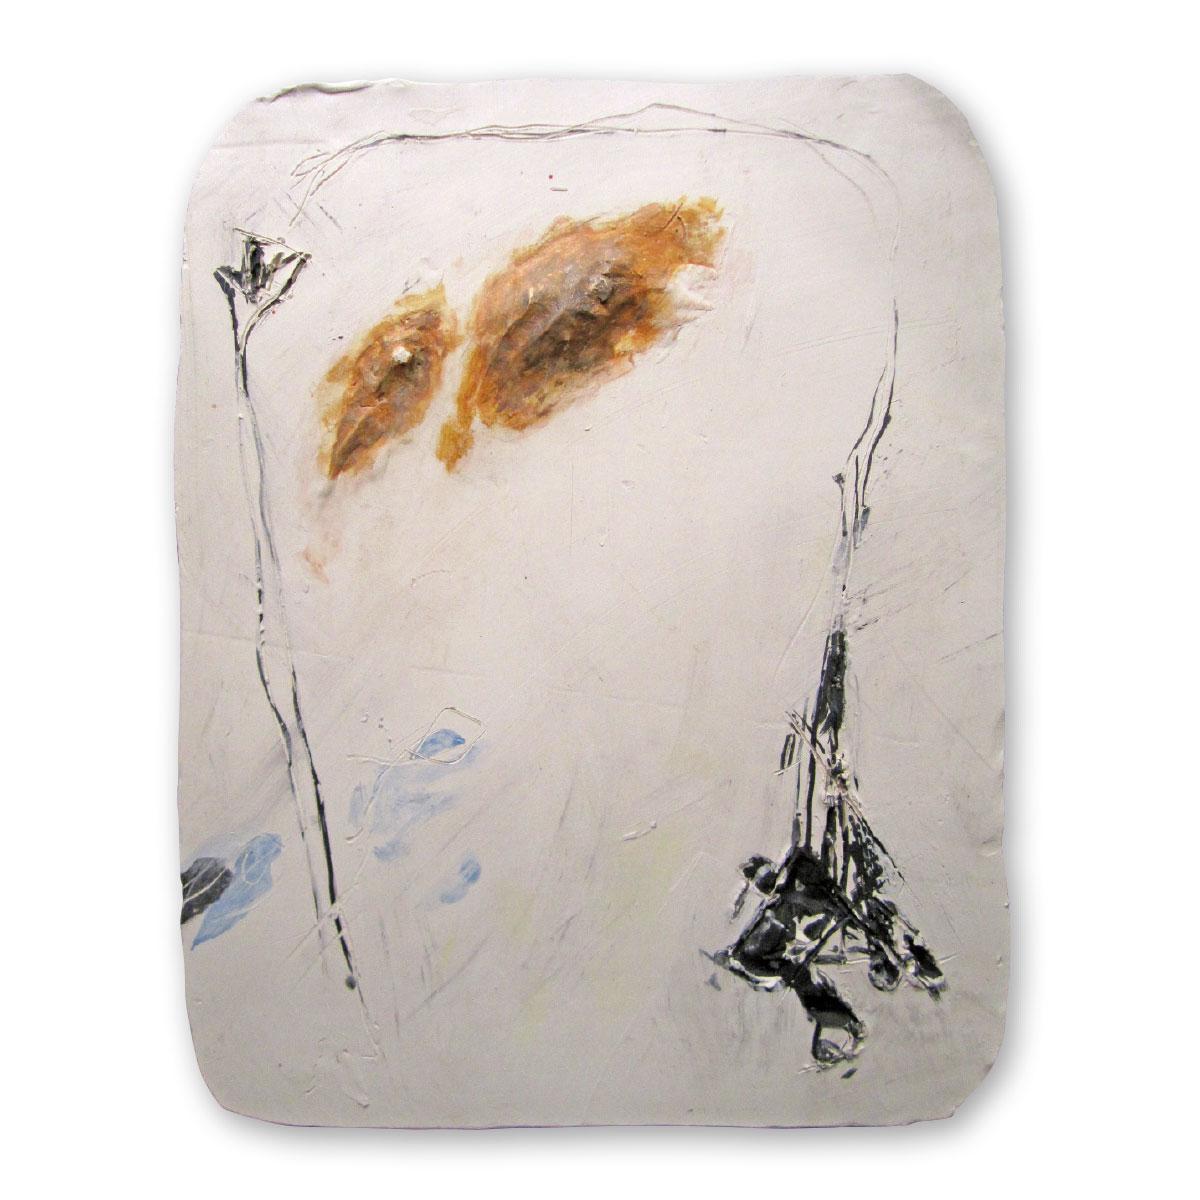 L'opera dell'artista Mario Raciti acquisita dal Museo a cielo aperto di Denice, dedicato alla ceramica contemporanea